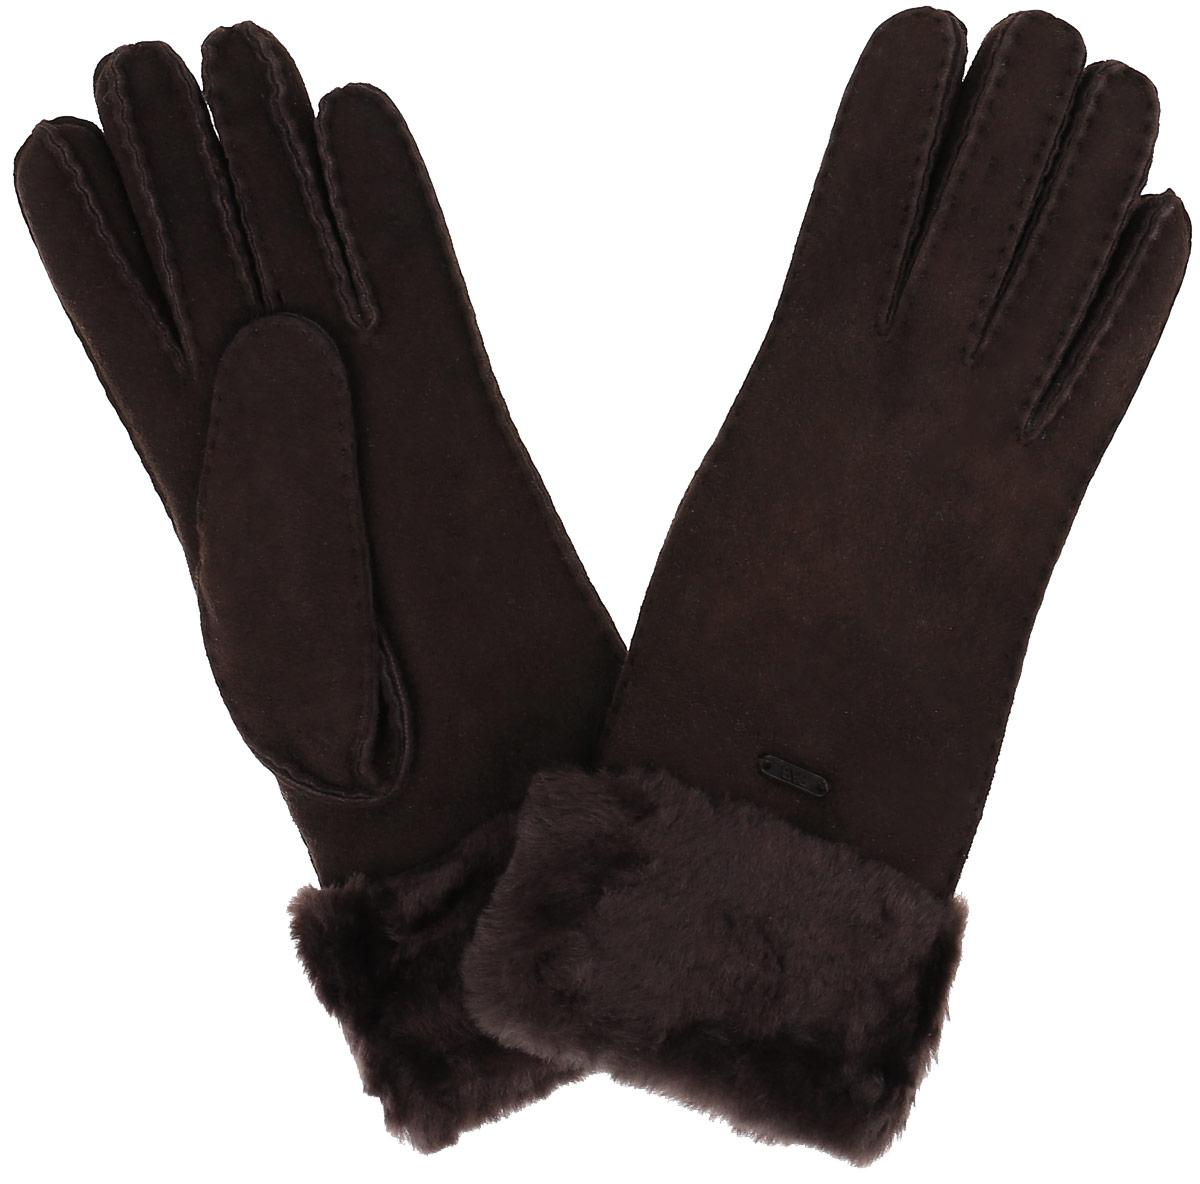 25.2-2 chocolatПрекрасные теплые женские перчатки торговой марки Fabretti - незаменимый аксессуар зимнего гардероба. Модель выполнена из натуральной кожи с меховыми манжетами. На лицевой стороне перчатки декорированы пластиной с логотипом бренда. Края перчаток обработаны наружными ручными швами. Великолепные перчатки Fabretti не только согреют пальчики, но и дополнят ваш образ в качестве эффектного аксессуара.